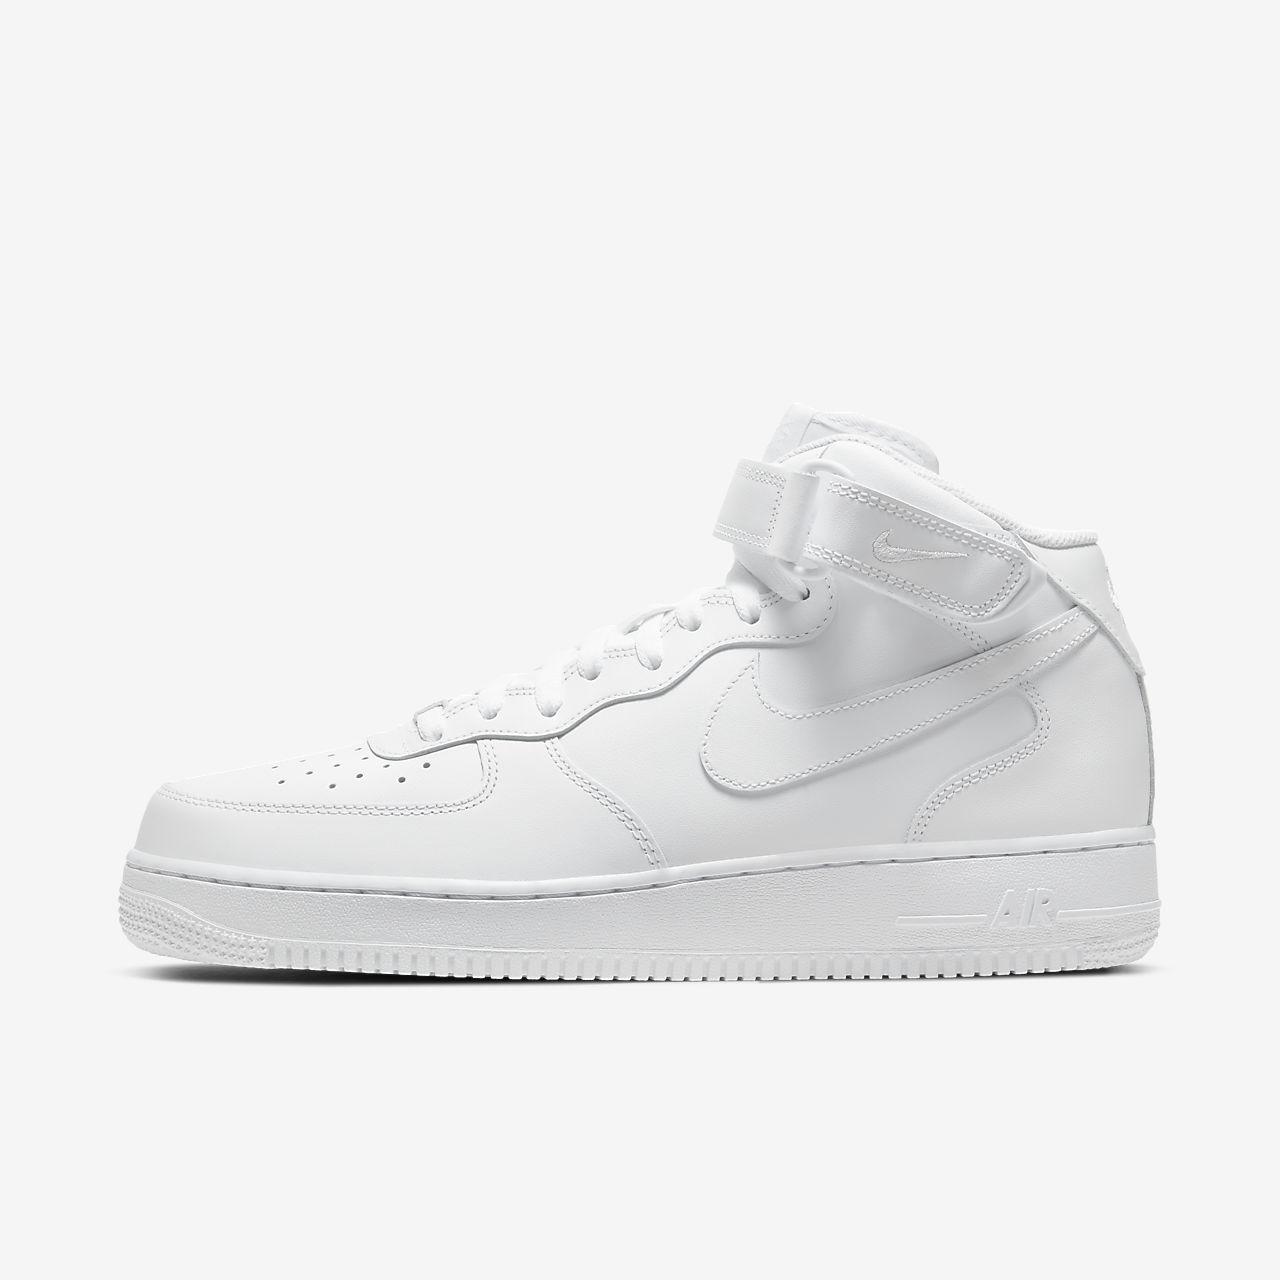 Ανδρικό παπούτσι Nike Air Force 1 Mid '07